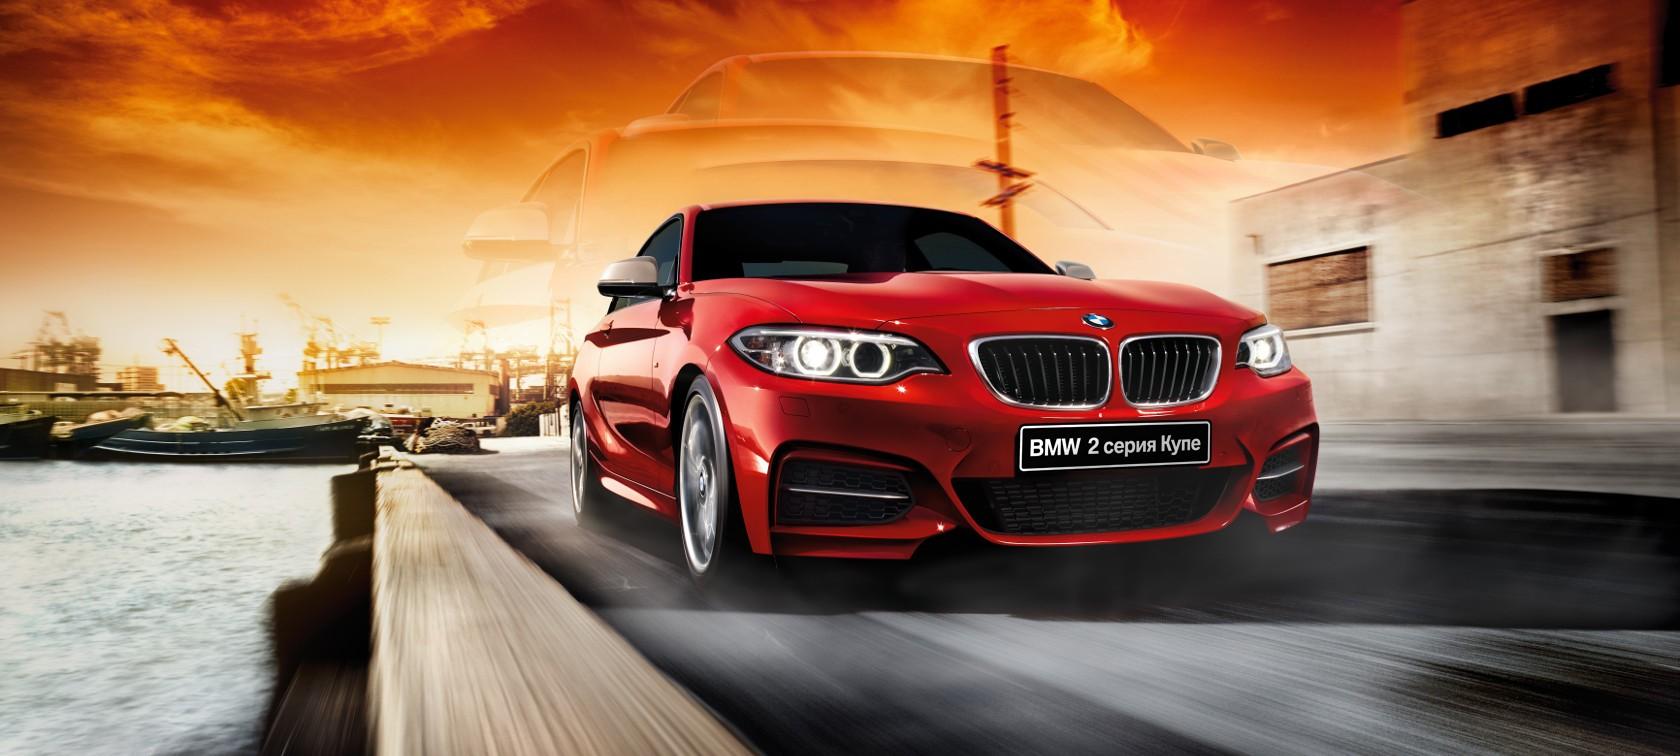 BMW Alquiler venta renting coches de lujo en Valencia